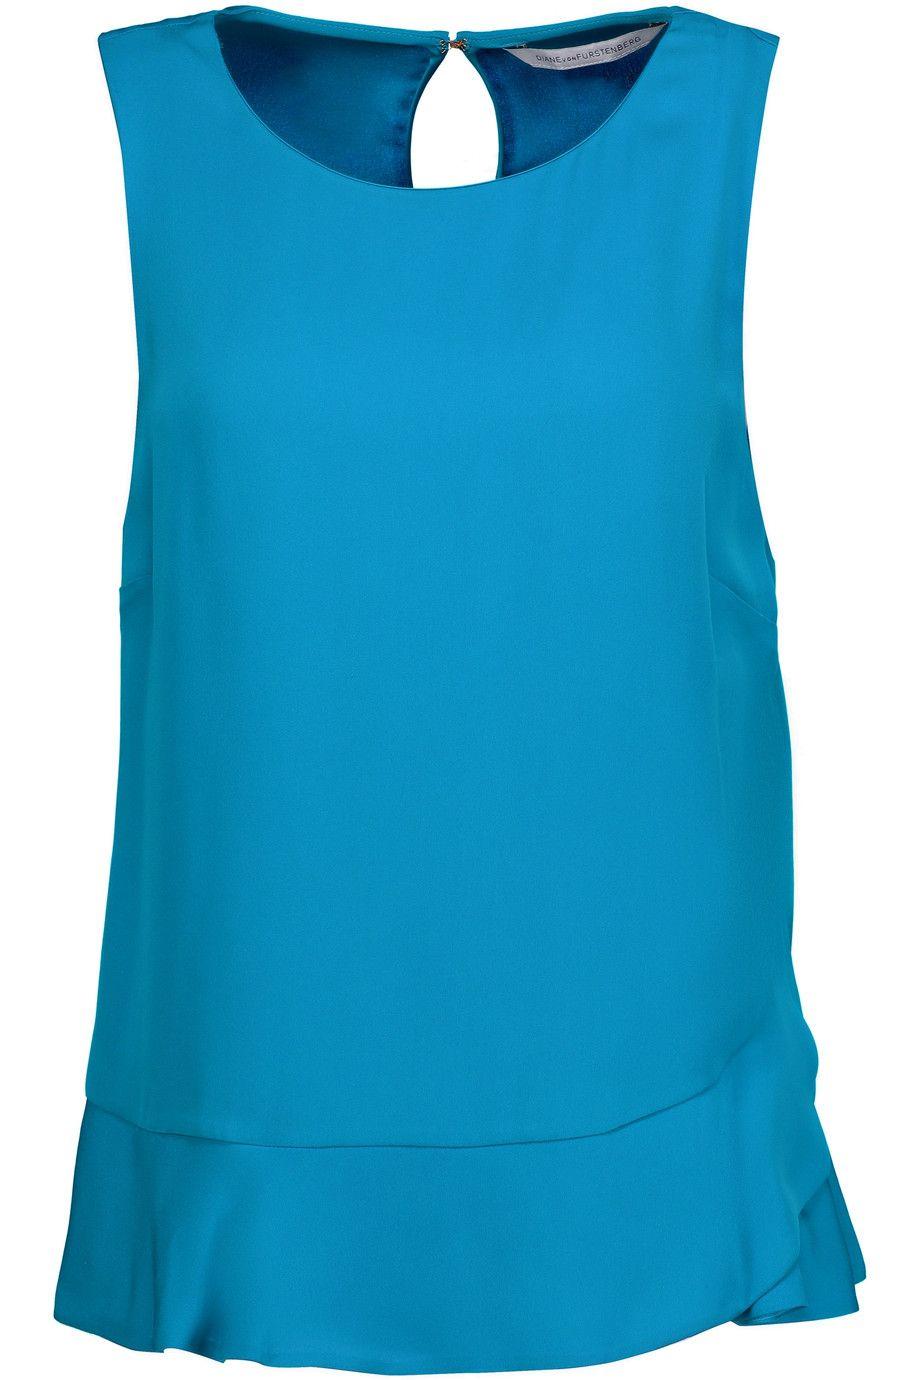 DIANE VON FURSTENBERG Deon Asymmetric Silk Top. #dianevonfurstenberg #cloth #top